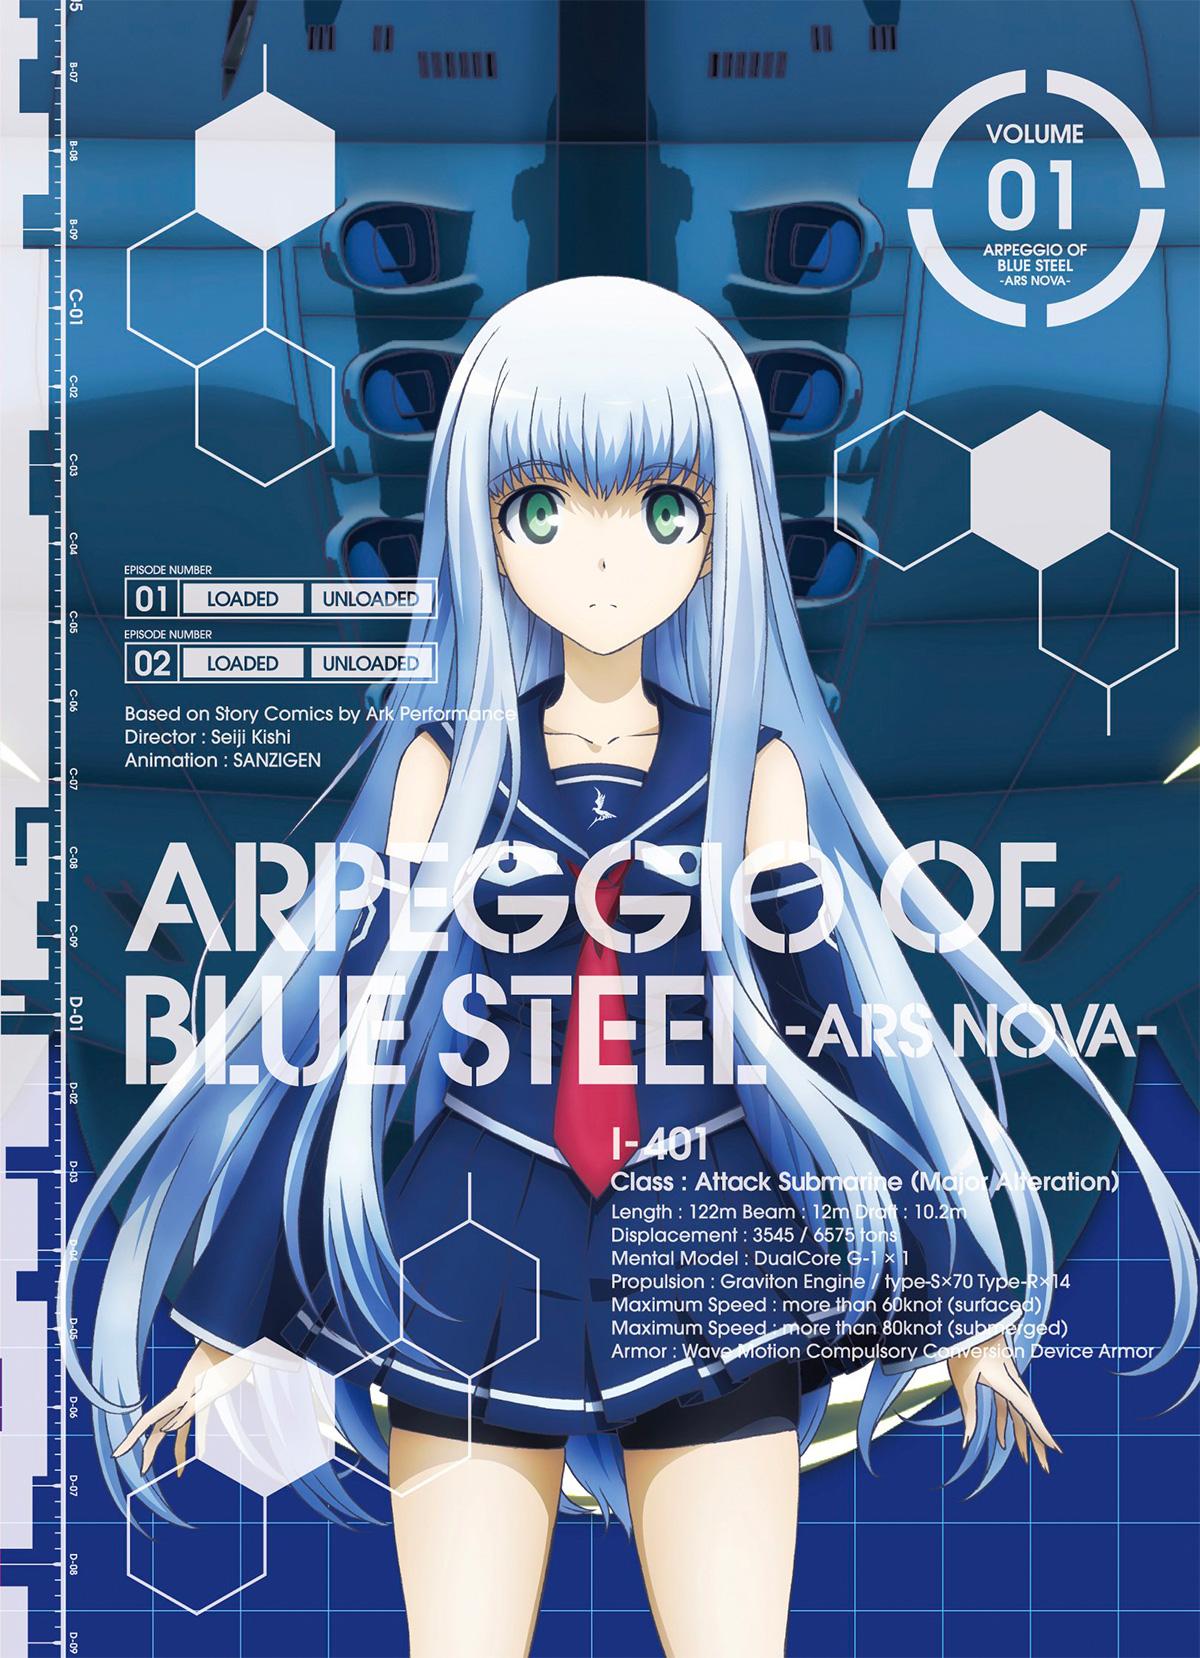 蒼き鋼のアルペジオ -アルス・ノヴァ- DVD&BD